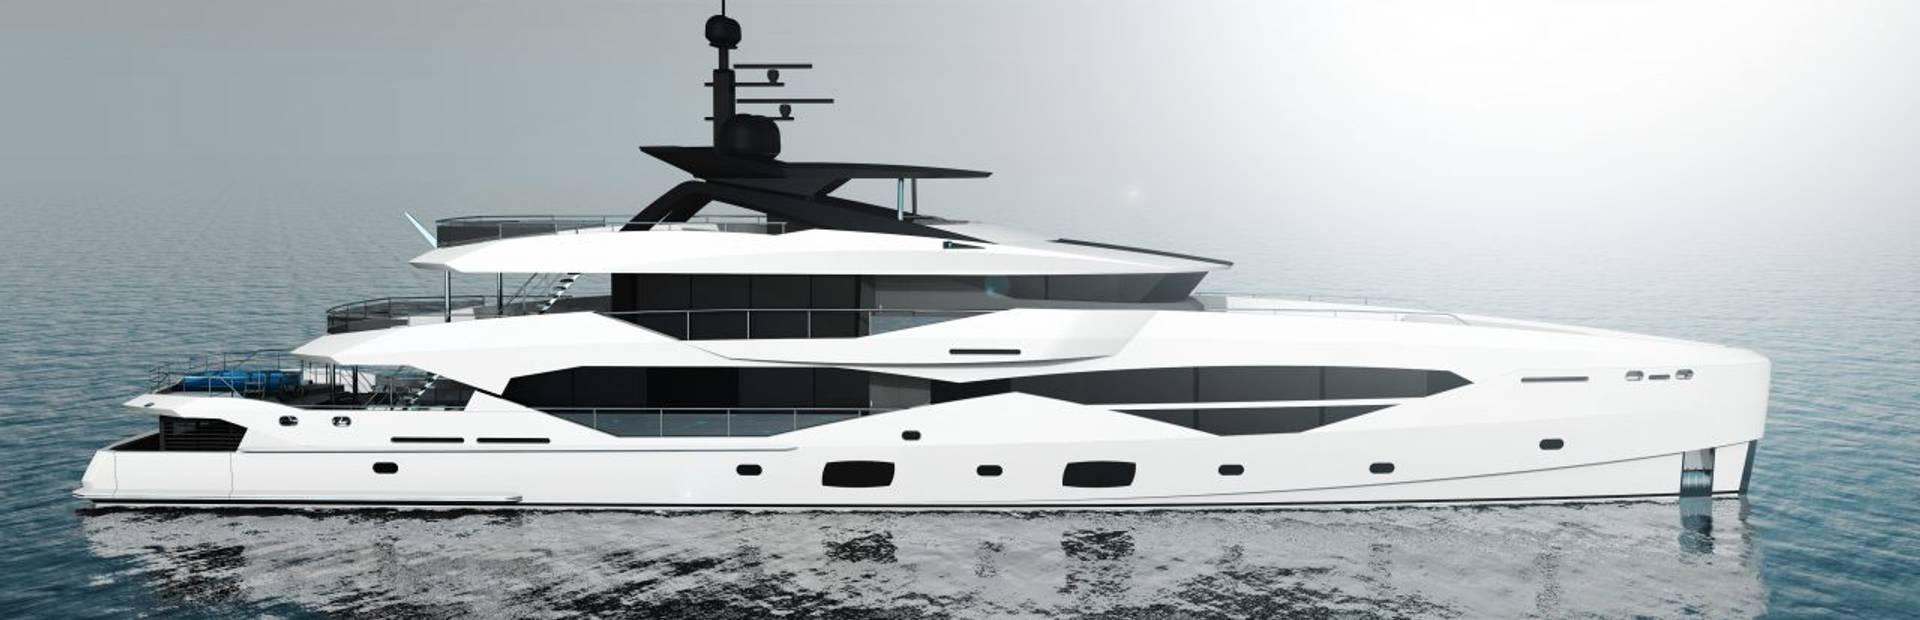 50M Ocean Yacht Charter